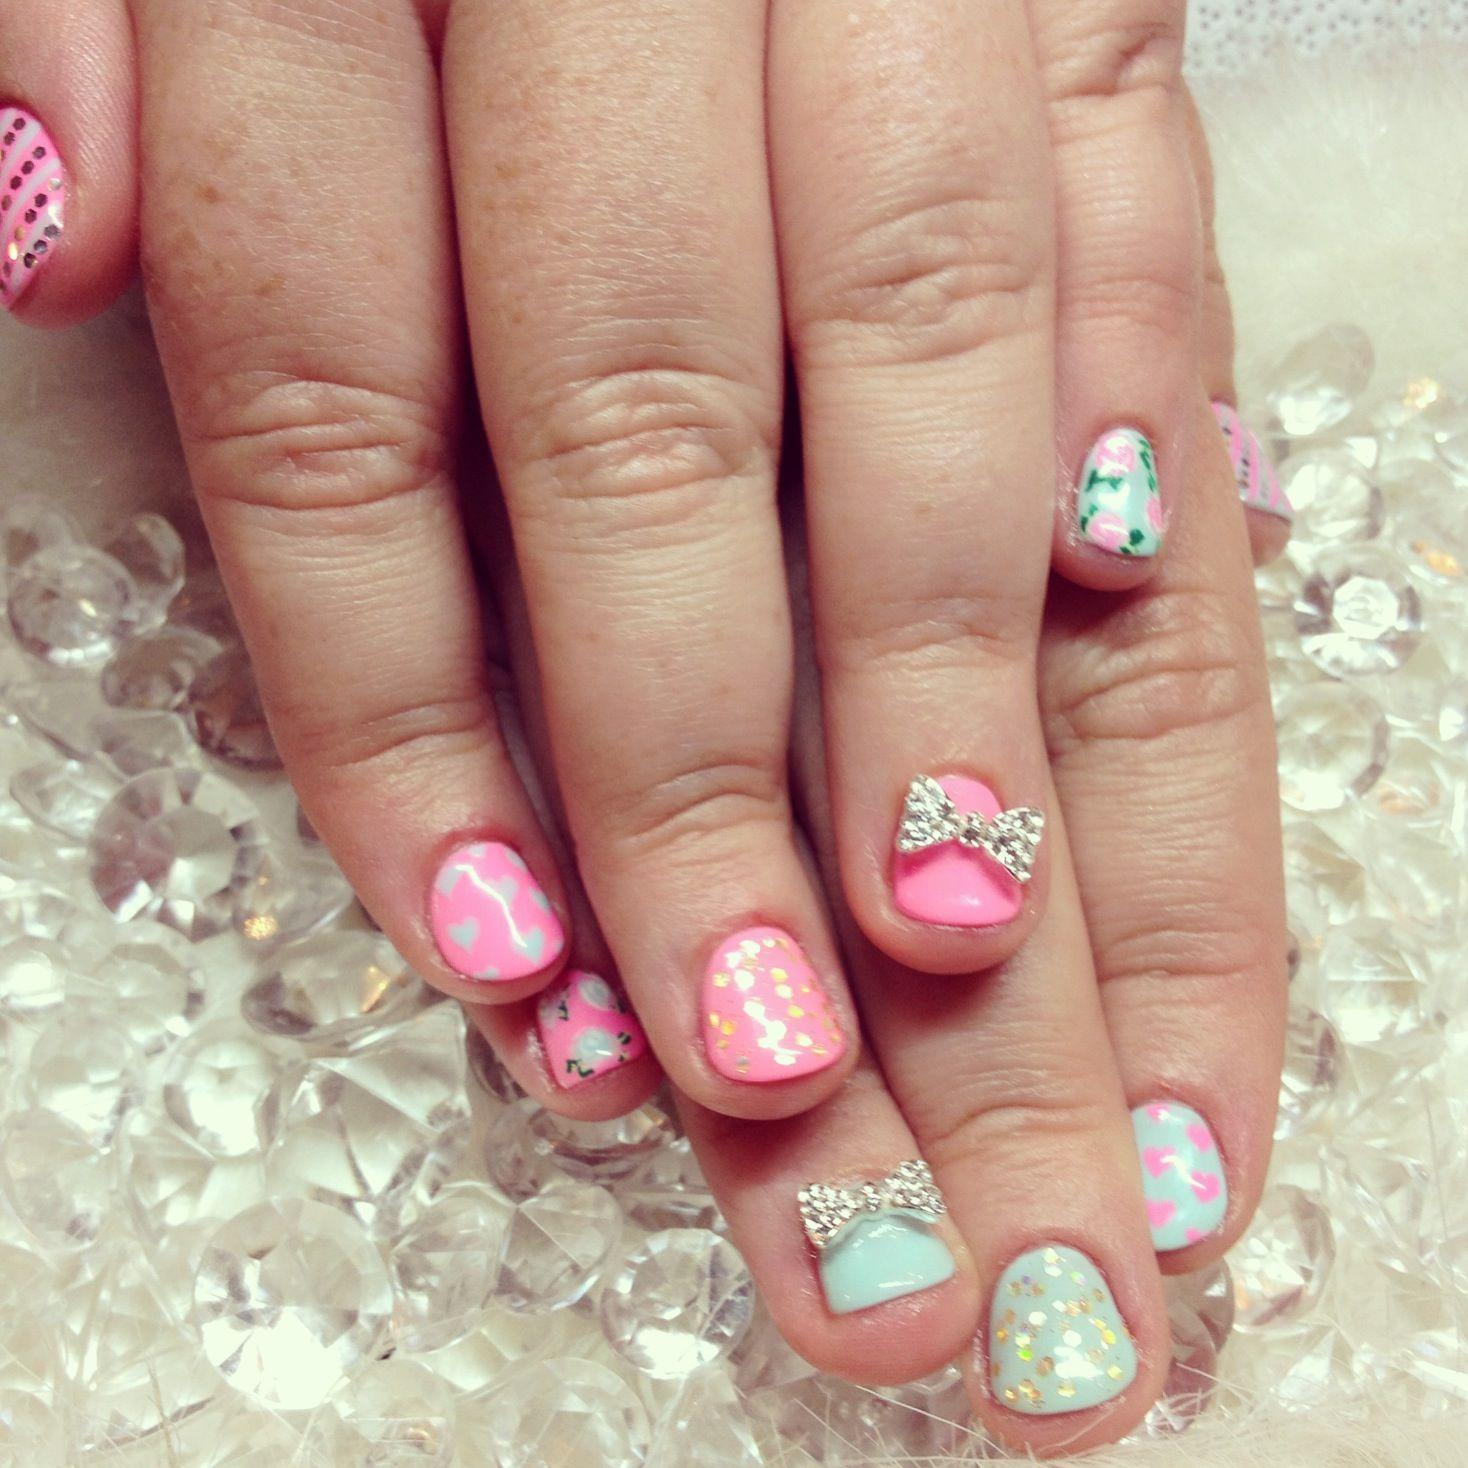 Nail Art For Short Nails Done By Yuki Hearts Salon In Nyc Nail